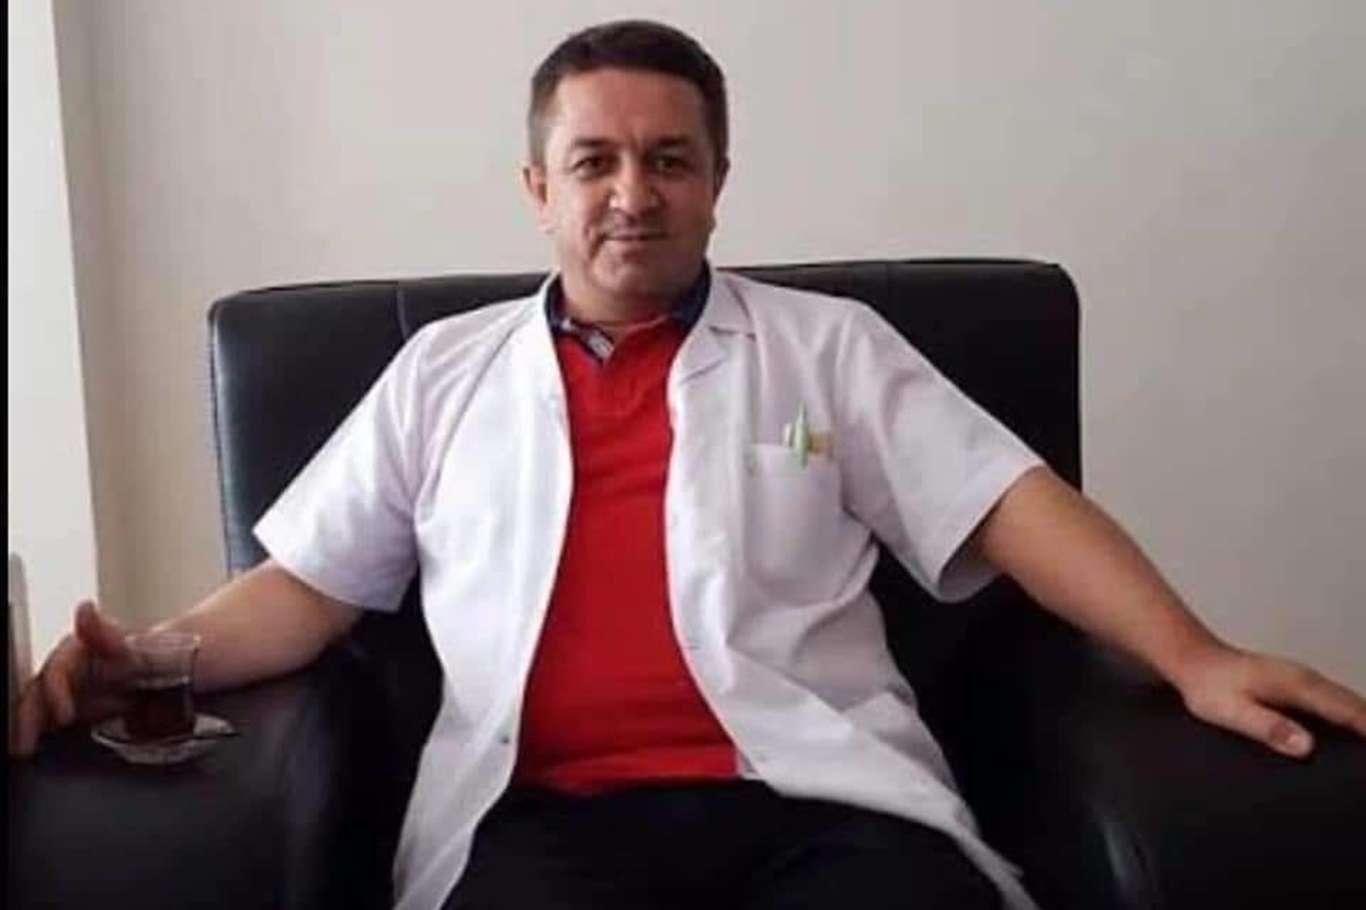 Covid-19 tedavisi gören doktor hayatını kaybetti